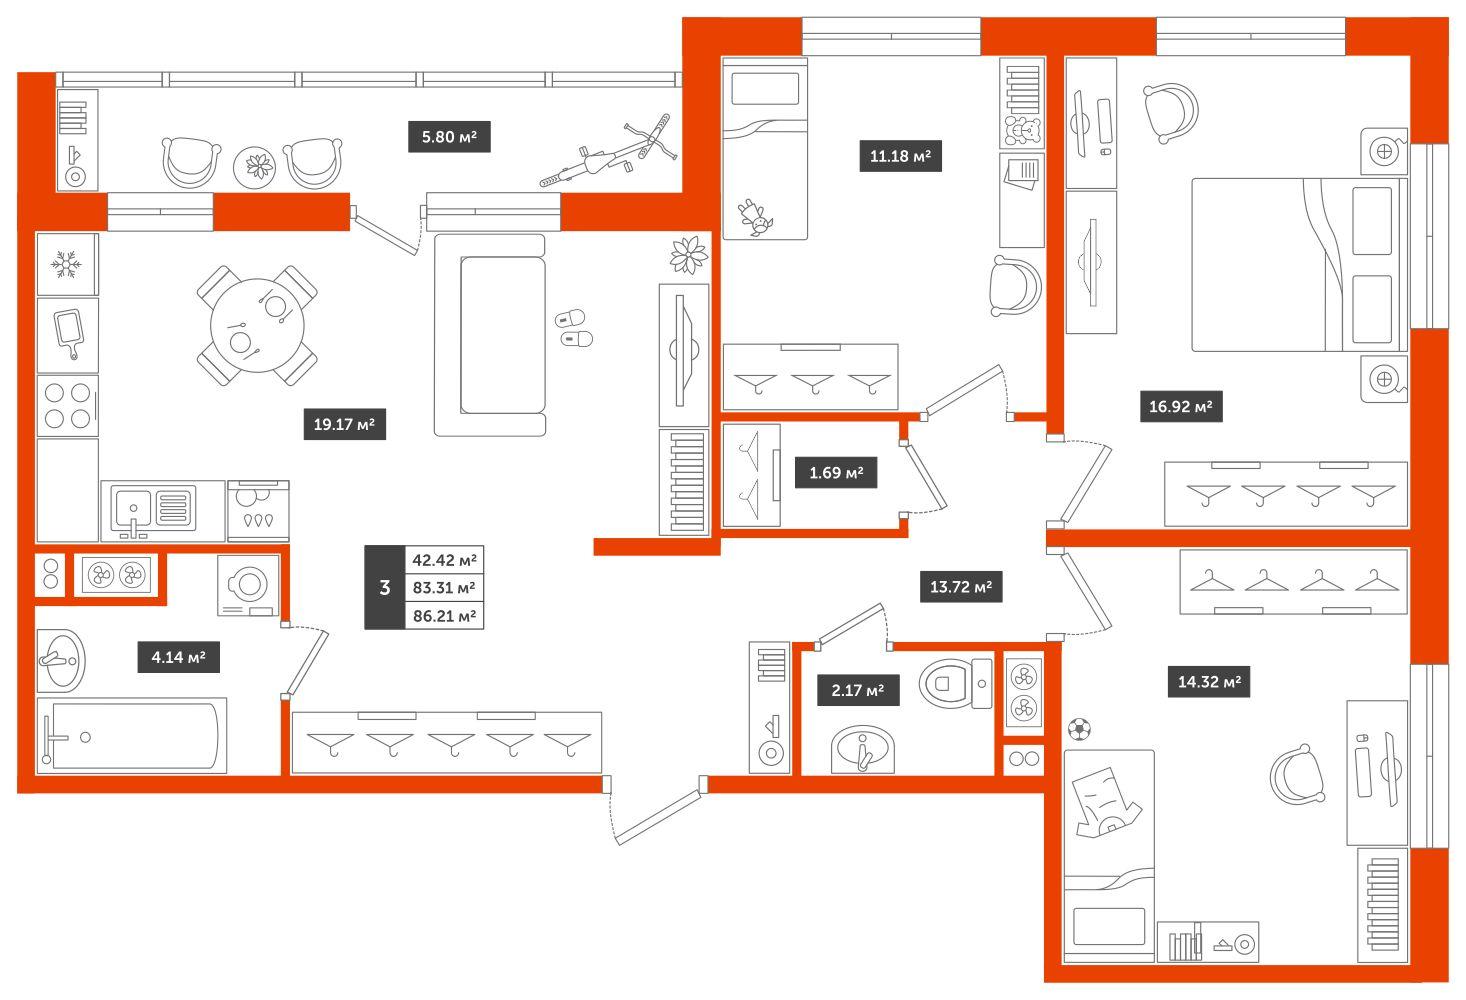 3-комнатная квартира, 86.21м² за 6,8 млн руб.